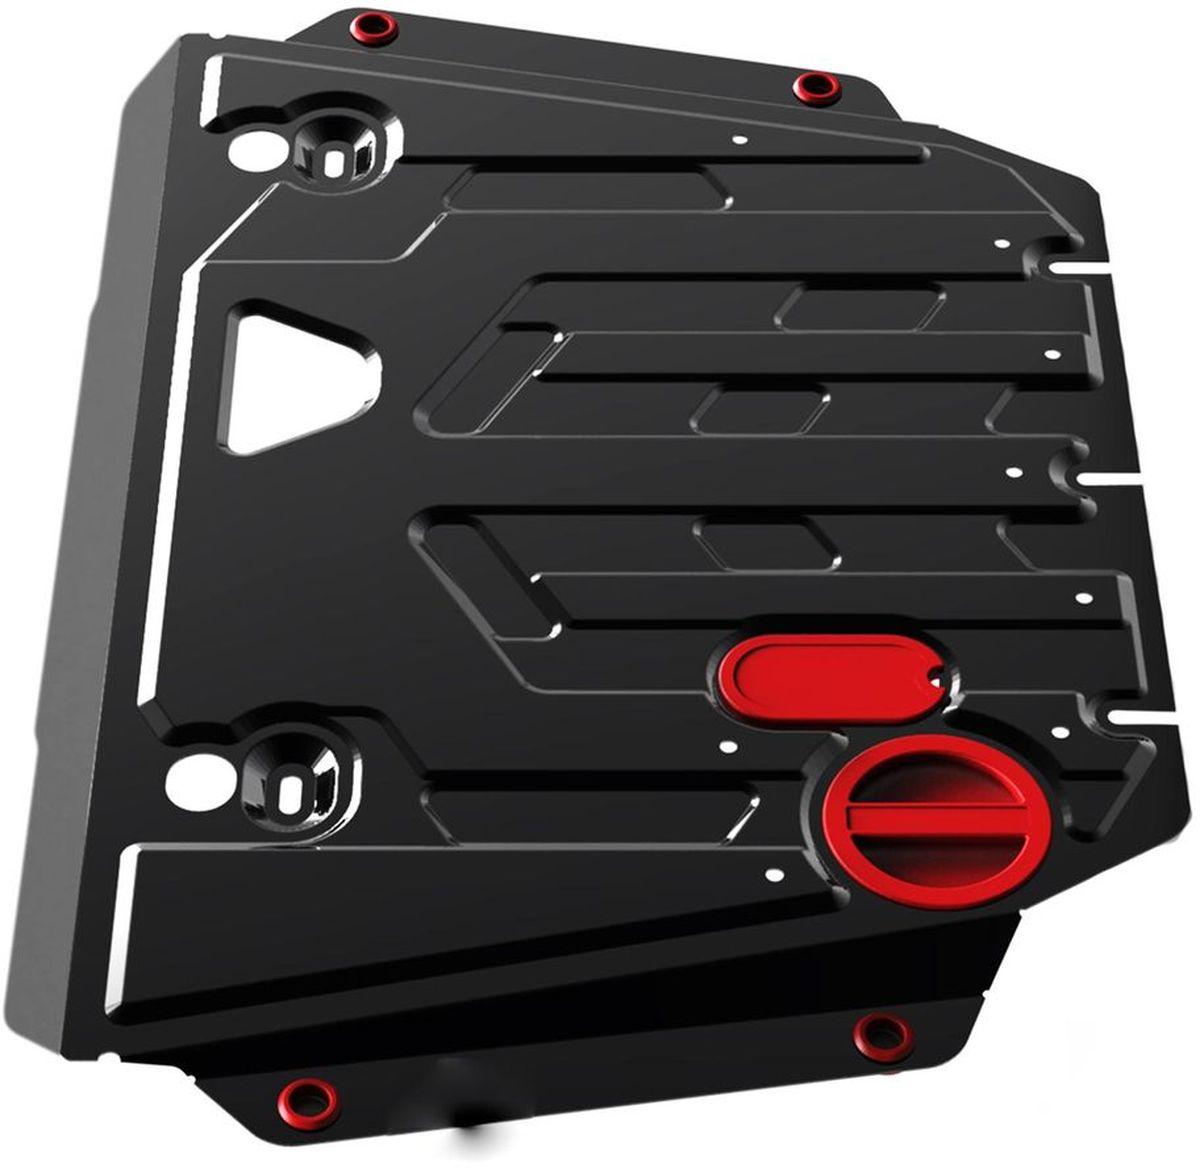 Защита картера и КПП Автоброня, для Hyundai Santamo, V - 2,0 (1997-2002)98298123_черныйТехнологически совершенный продукт за невысокую стоимость.Защита разработана с учетом особенностей днища автомобиля, что позволяет сохранить дорожный просвет с минимальным изменением.Защита устанавливается в штатные места кузова автомобиля. Глубокий штамп обеспечивает до двух раз больше жесткости в сравнении с обычной защитой той же толщины. Проштампованные ребра жесткости препятствуют деформации защиты при ударах.Тепловой зазор и вентиляционные отверстия обеспечивают сохранение температурного режима двигателя в норме. Скрытый крепеж предотвращает срыв крепежных элементов при наезде на препятствие.Шумопоглощающие резиновые элементы обеспечивают комфортную езду без вибраций и скрежета металла, а съемные лючки для слива масла и замены фильтра - экономию средств и время.Конструкция изделия не влияет на пассивную безопасность автомобиля (при ударе защита не воздействует на деформационные зоны кузова). Со штатным крепежом. В комплекте инструкция по установке.Толщина стали: 2 мм.Уважаемые клиенты!Обращаем ваше внимание, что элемент защиты имеет форму, соответствующую модели данного автомобиля. Фото служит для визуального восприятия товара и может отличаться от фактического.